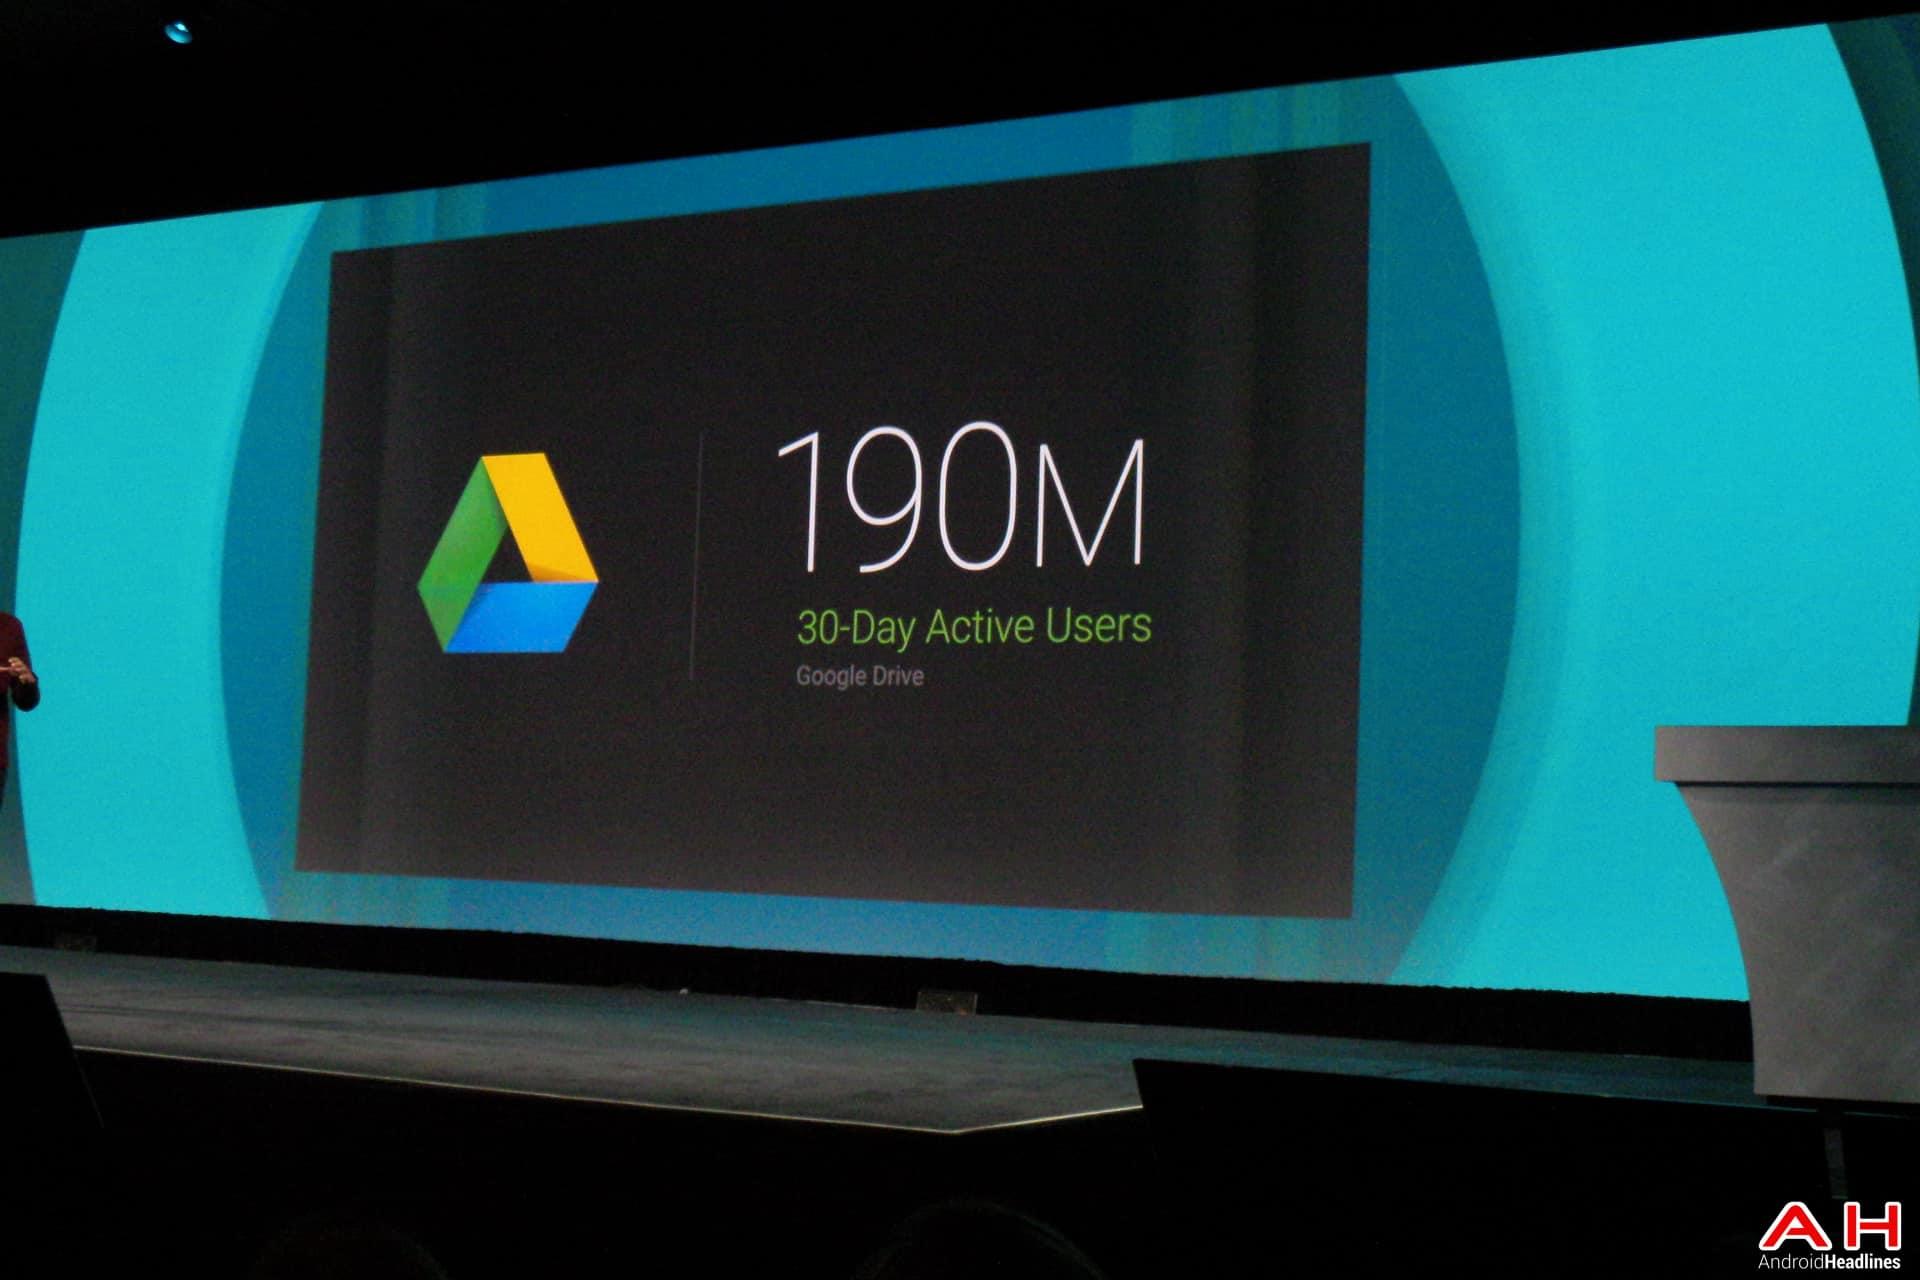 AH Google IO 2014 701 of 5 190 Million Activations